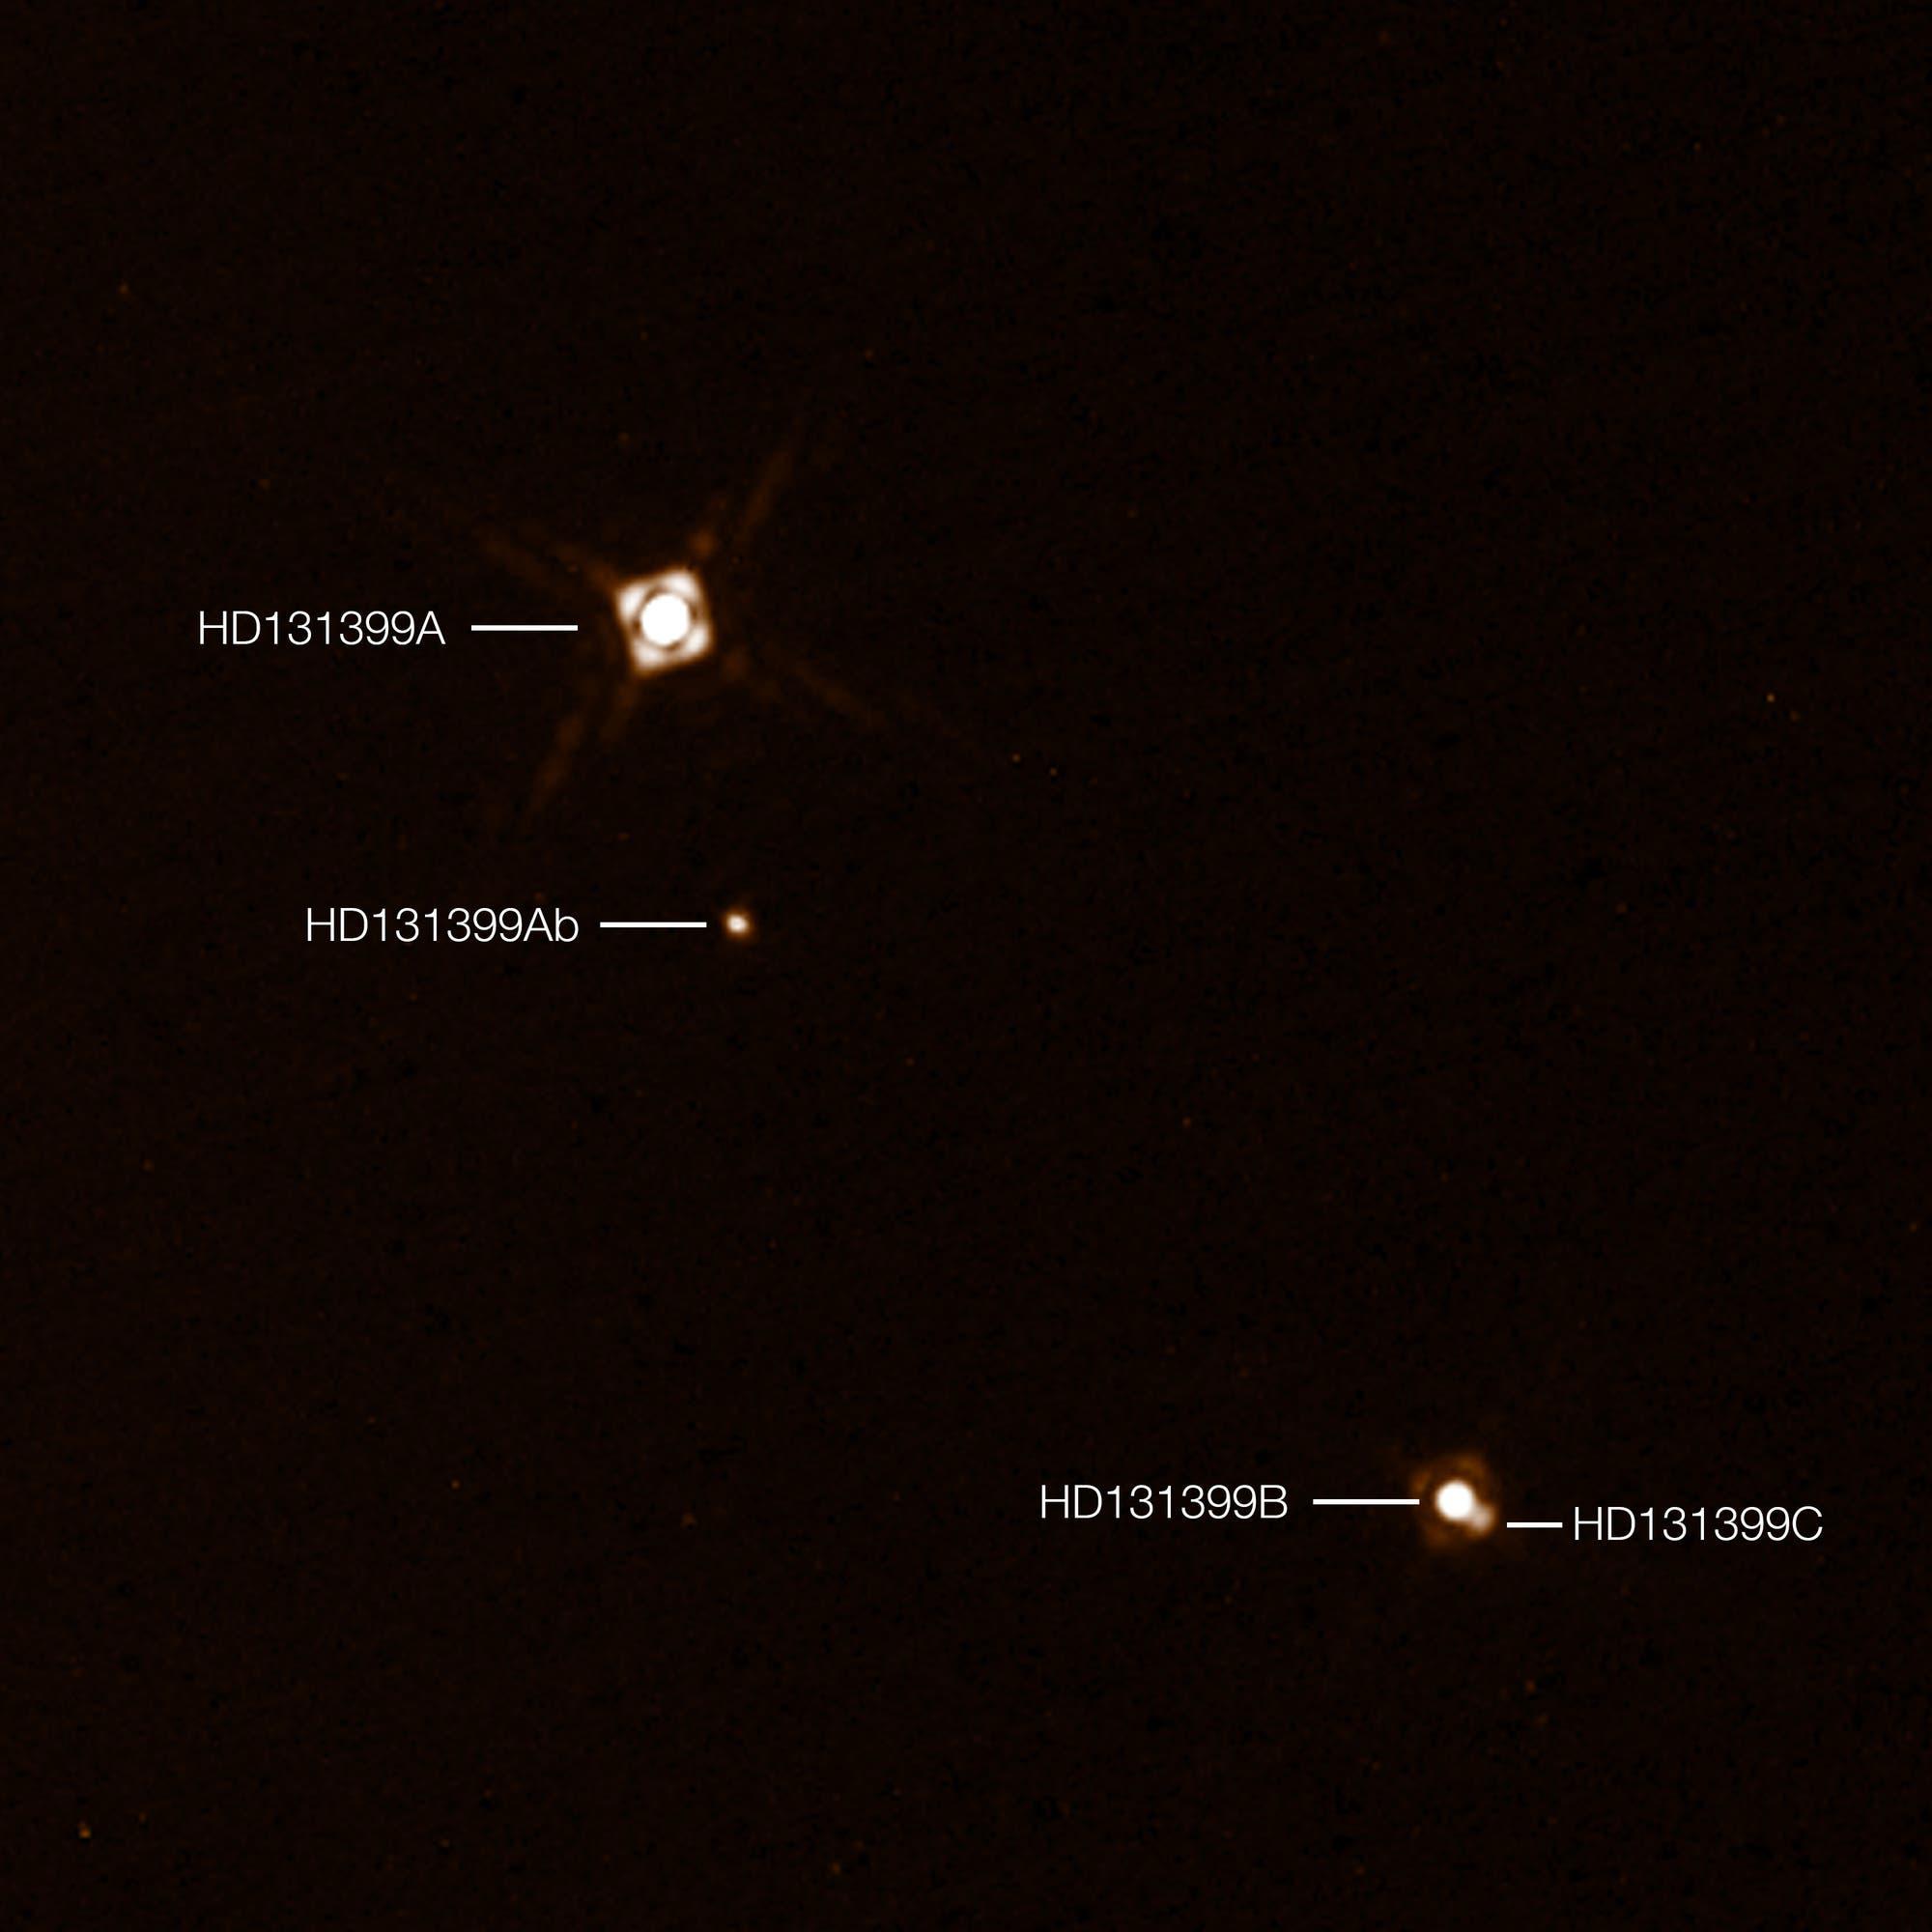 Das Dreifach-Sternsystem HD 131399 mit Exoplanet (Aufnahme des SPHERE-Instruments)